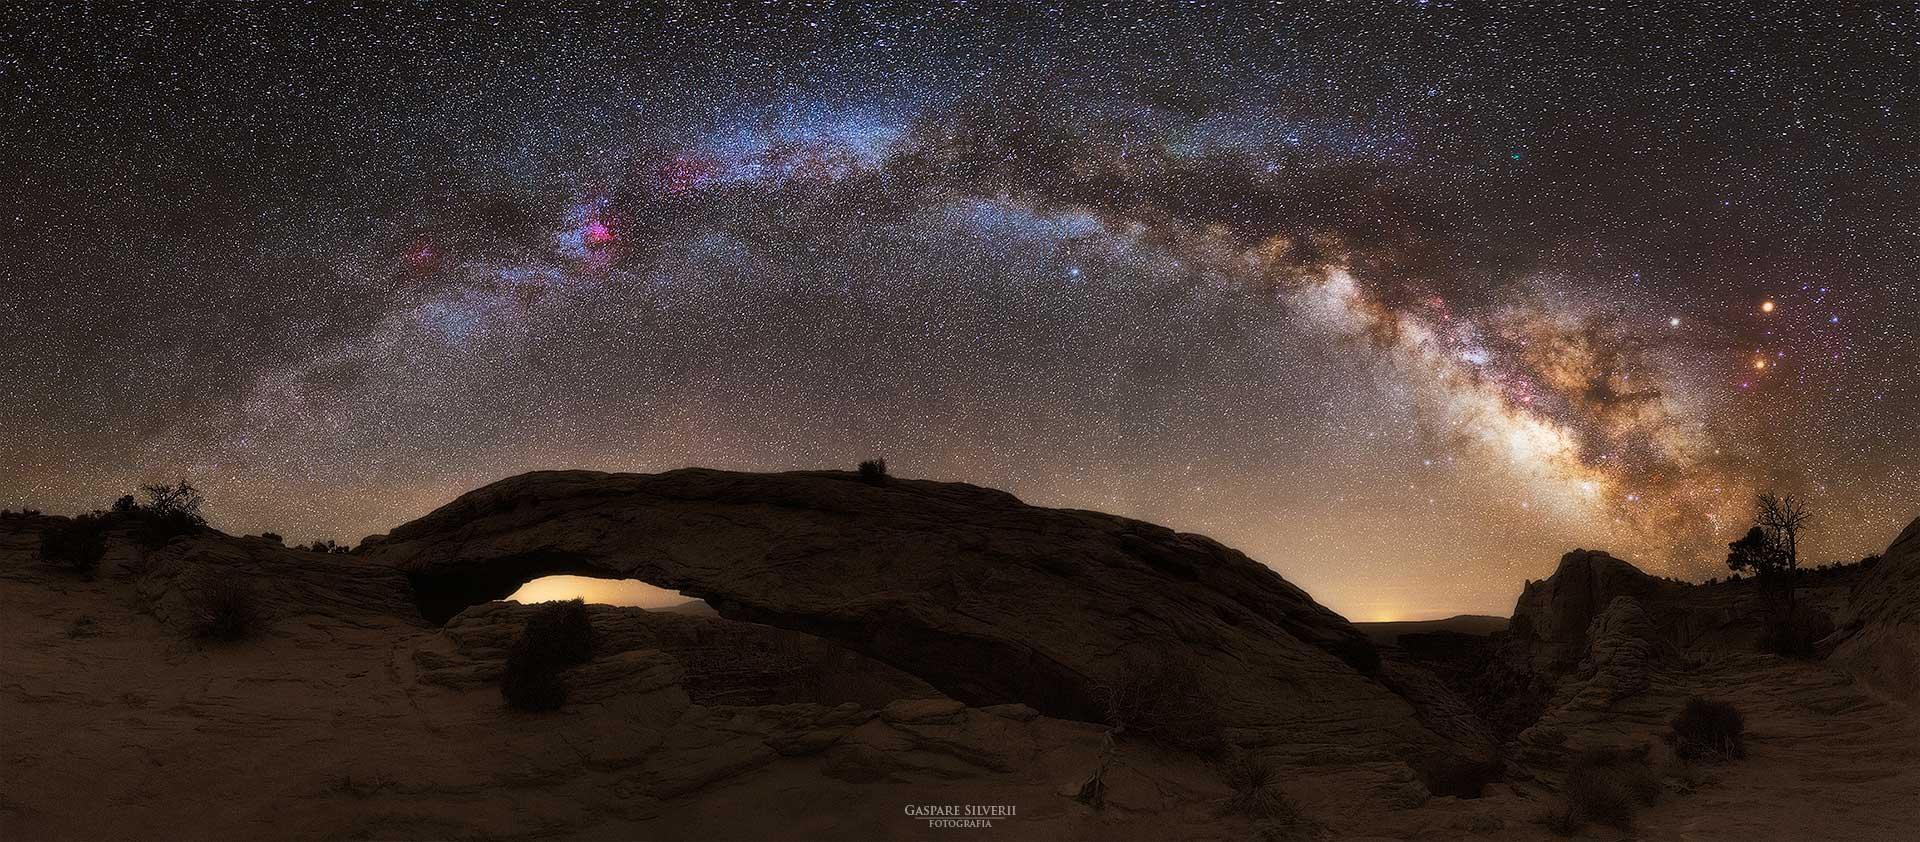 Pano Mesa Arch - Gaspare Silverii